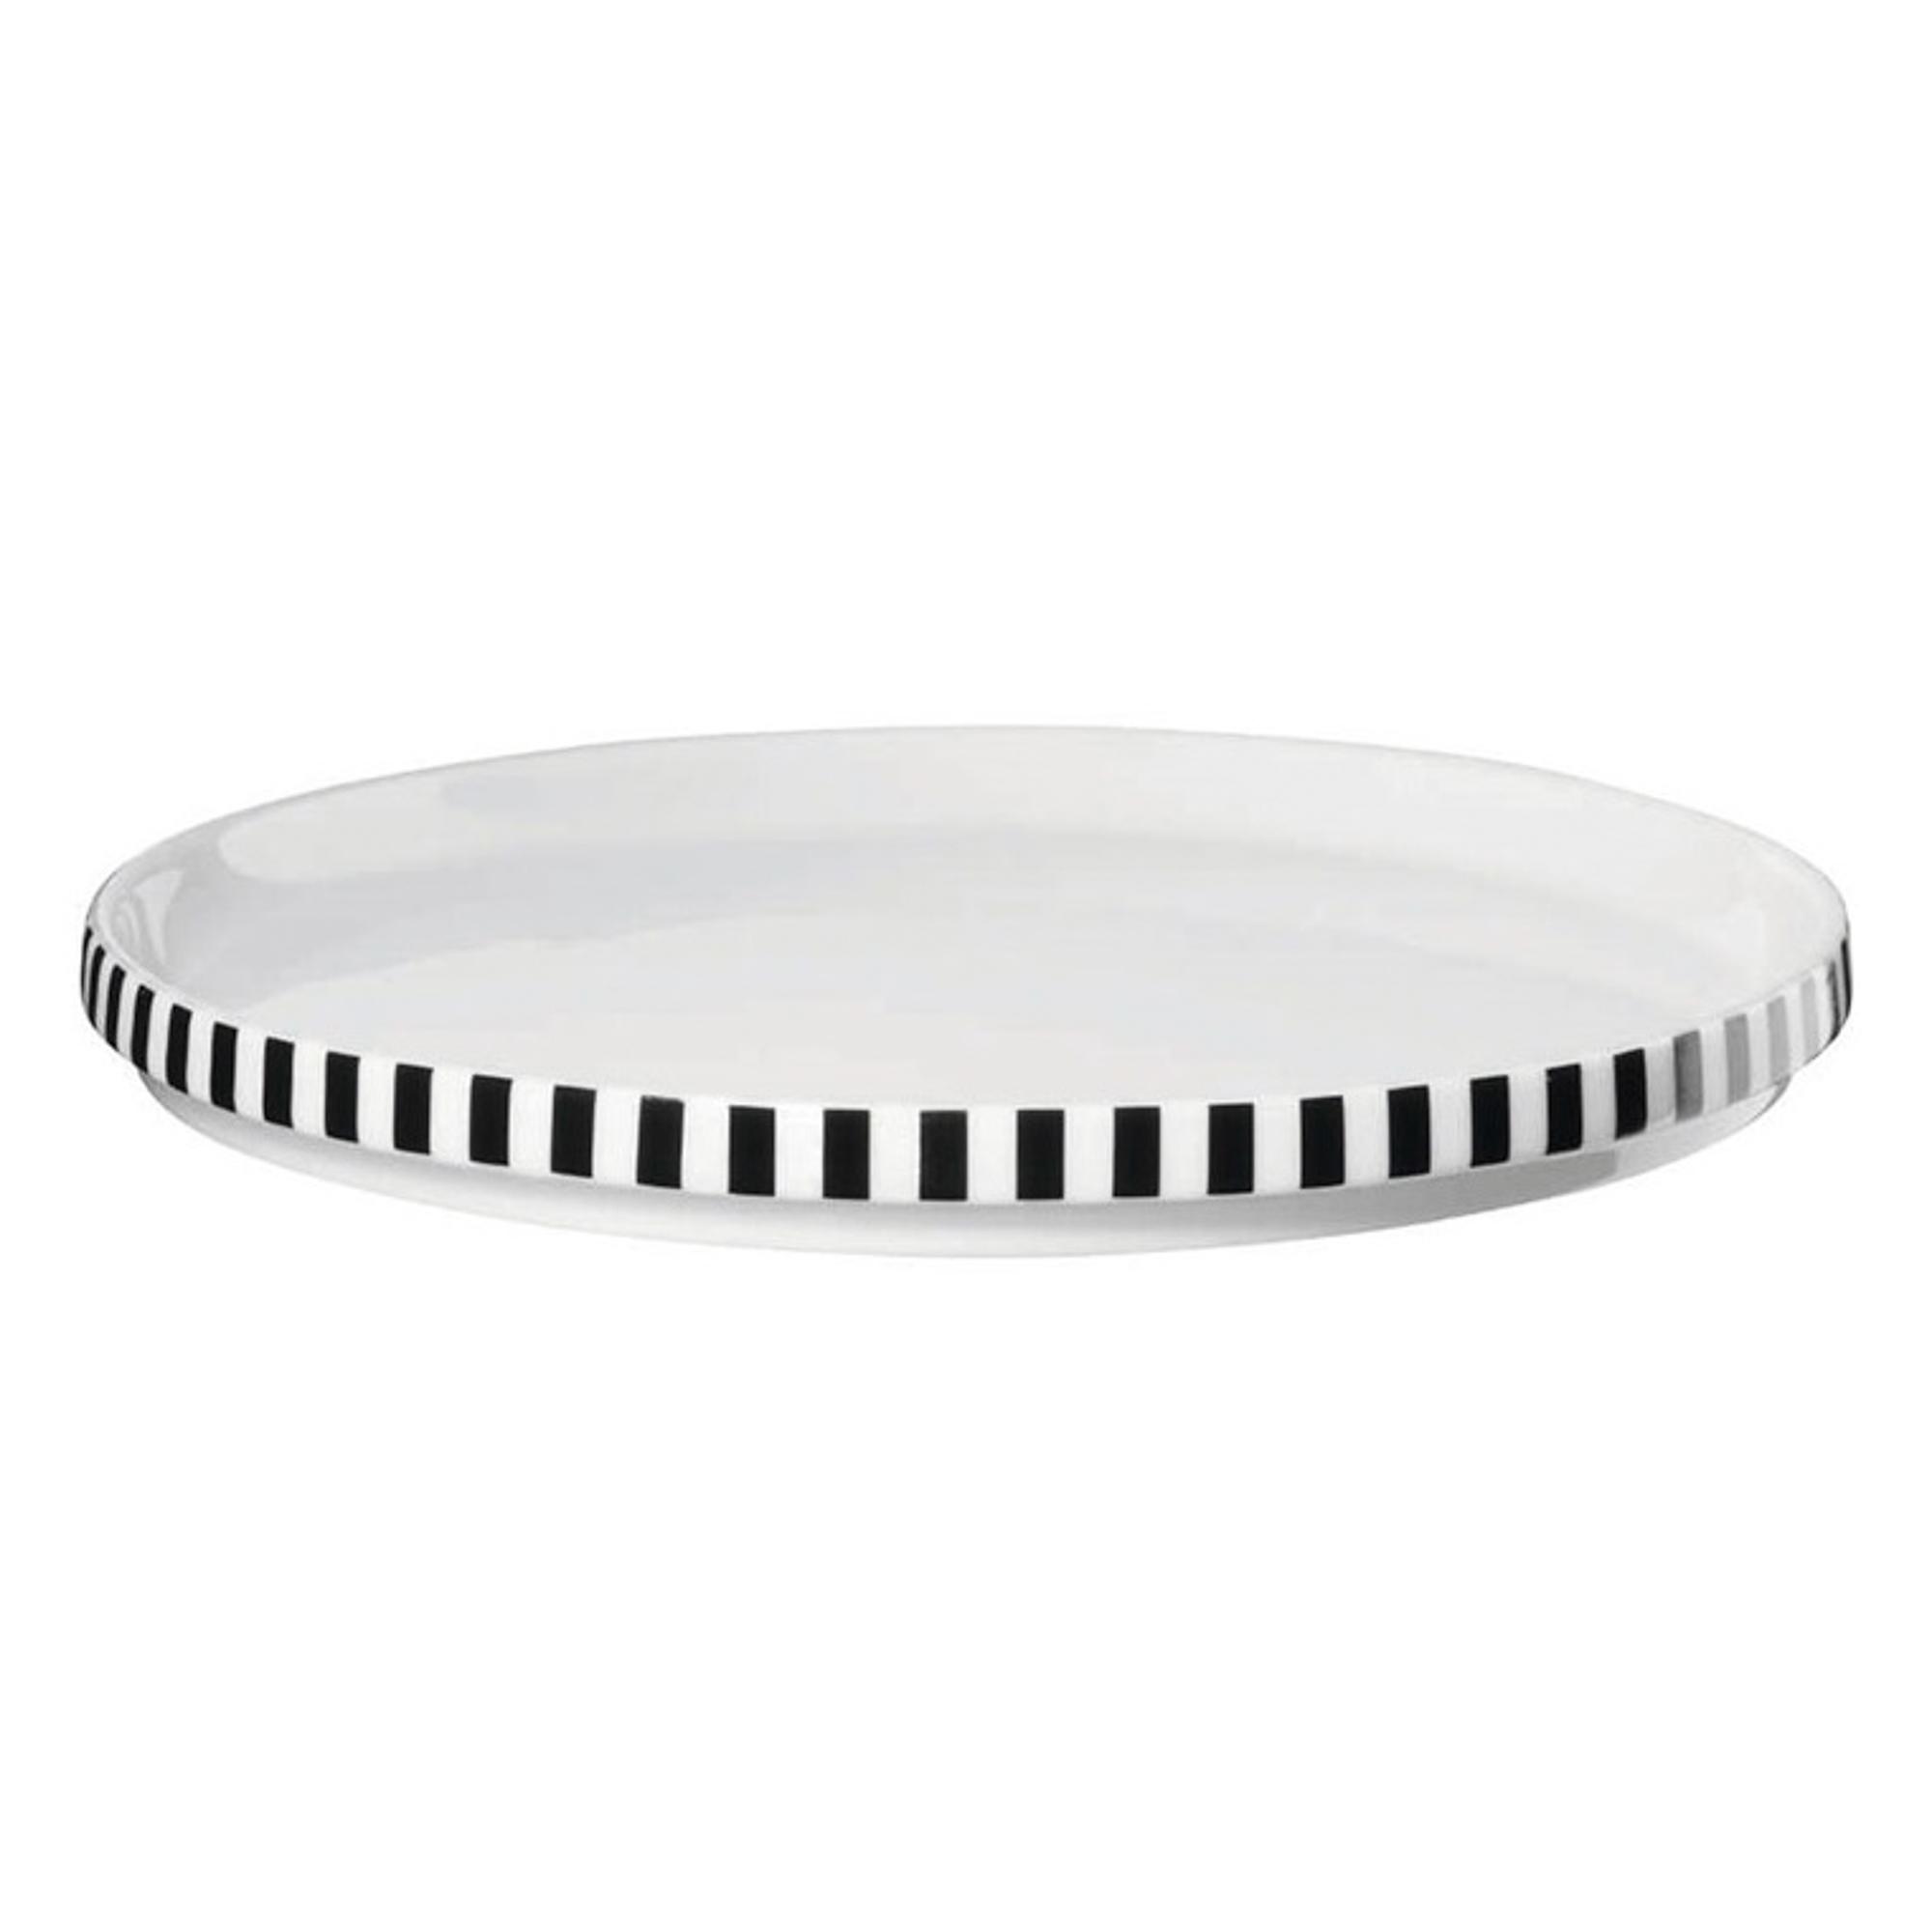 Фото - Набор тарелок Asa Selection Memphis 18,5 см 2 шт набор тарелок asa selection memphis 18 5 см 2 шт